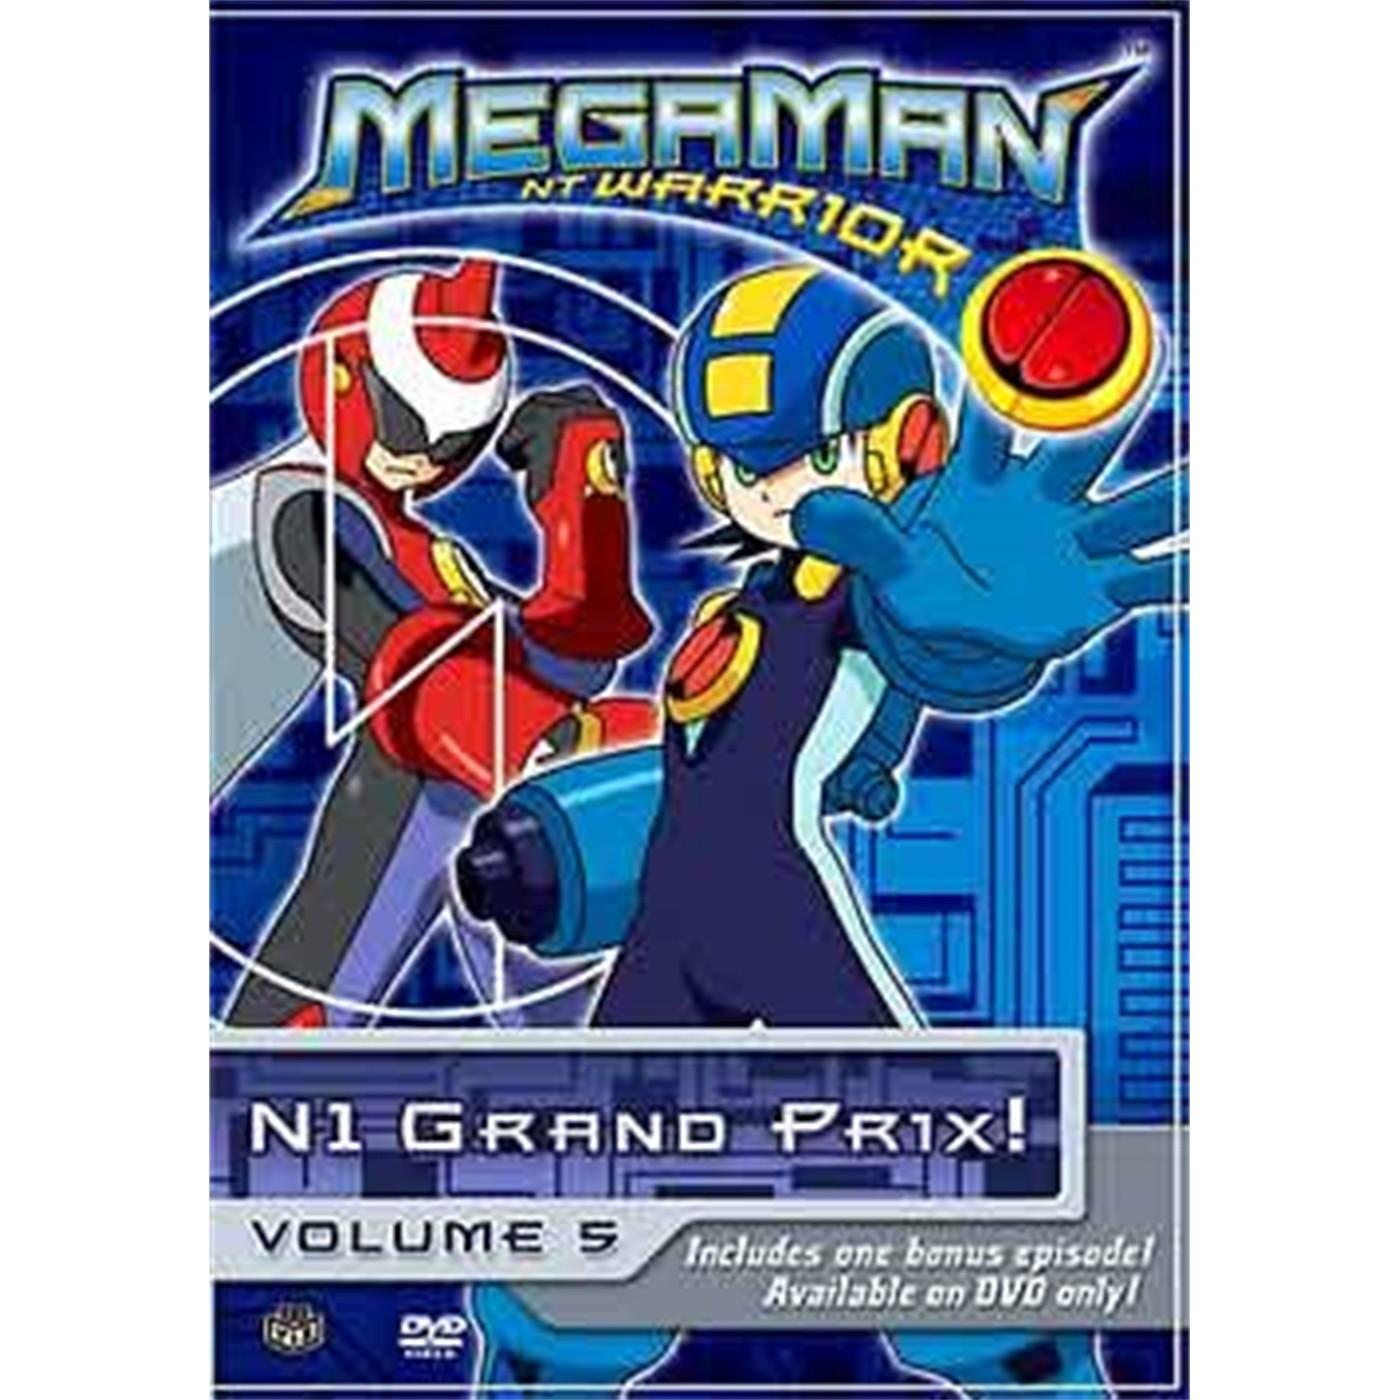 MEGAMAN NT WARRIOR, Vol. 5: N1 Grand Prix!  (DVD)